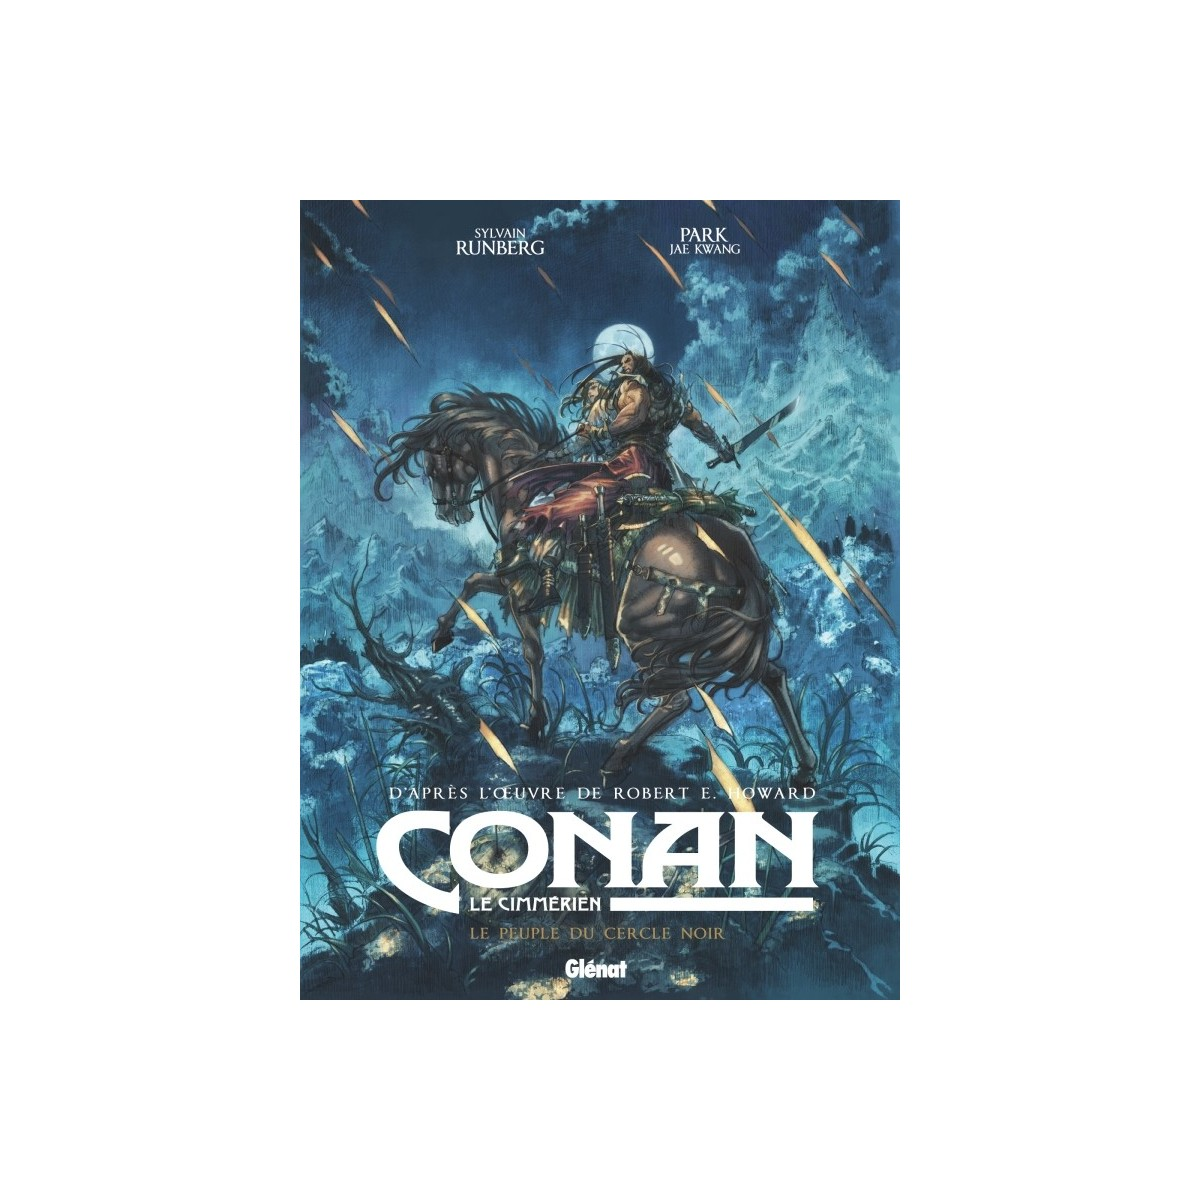 Jae Kwang Park : Conan le Cimmérien - Le Peuple du cercle noir